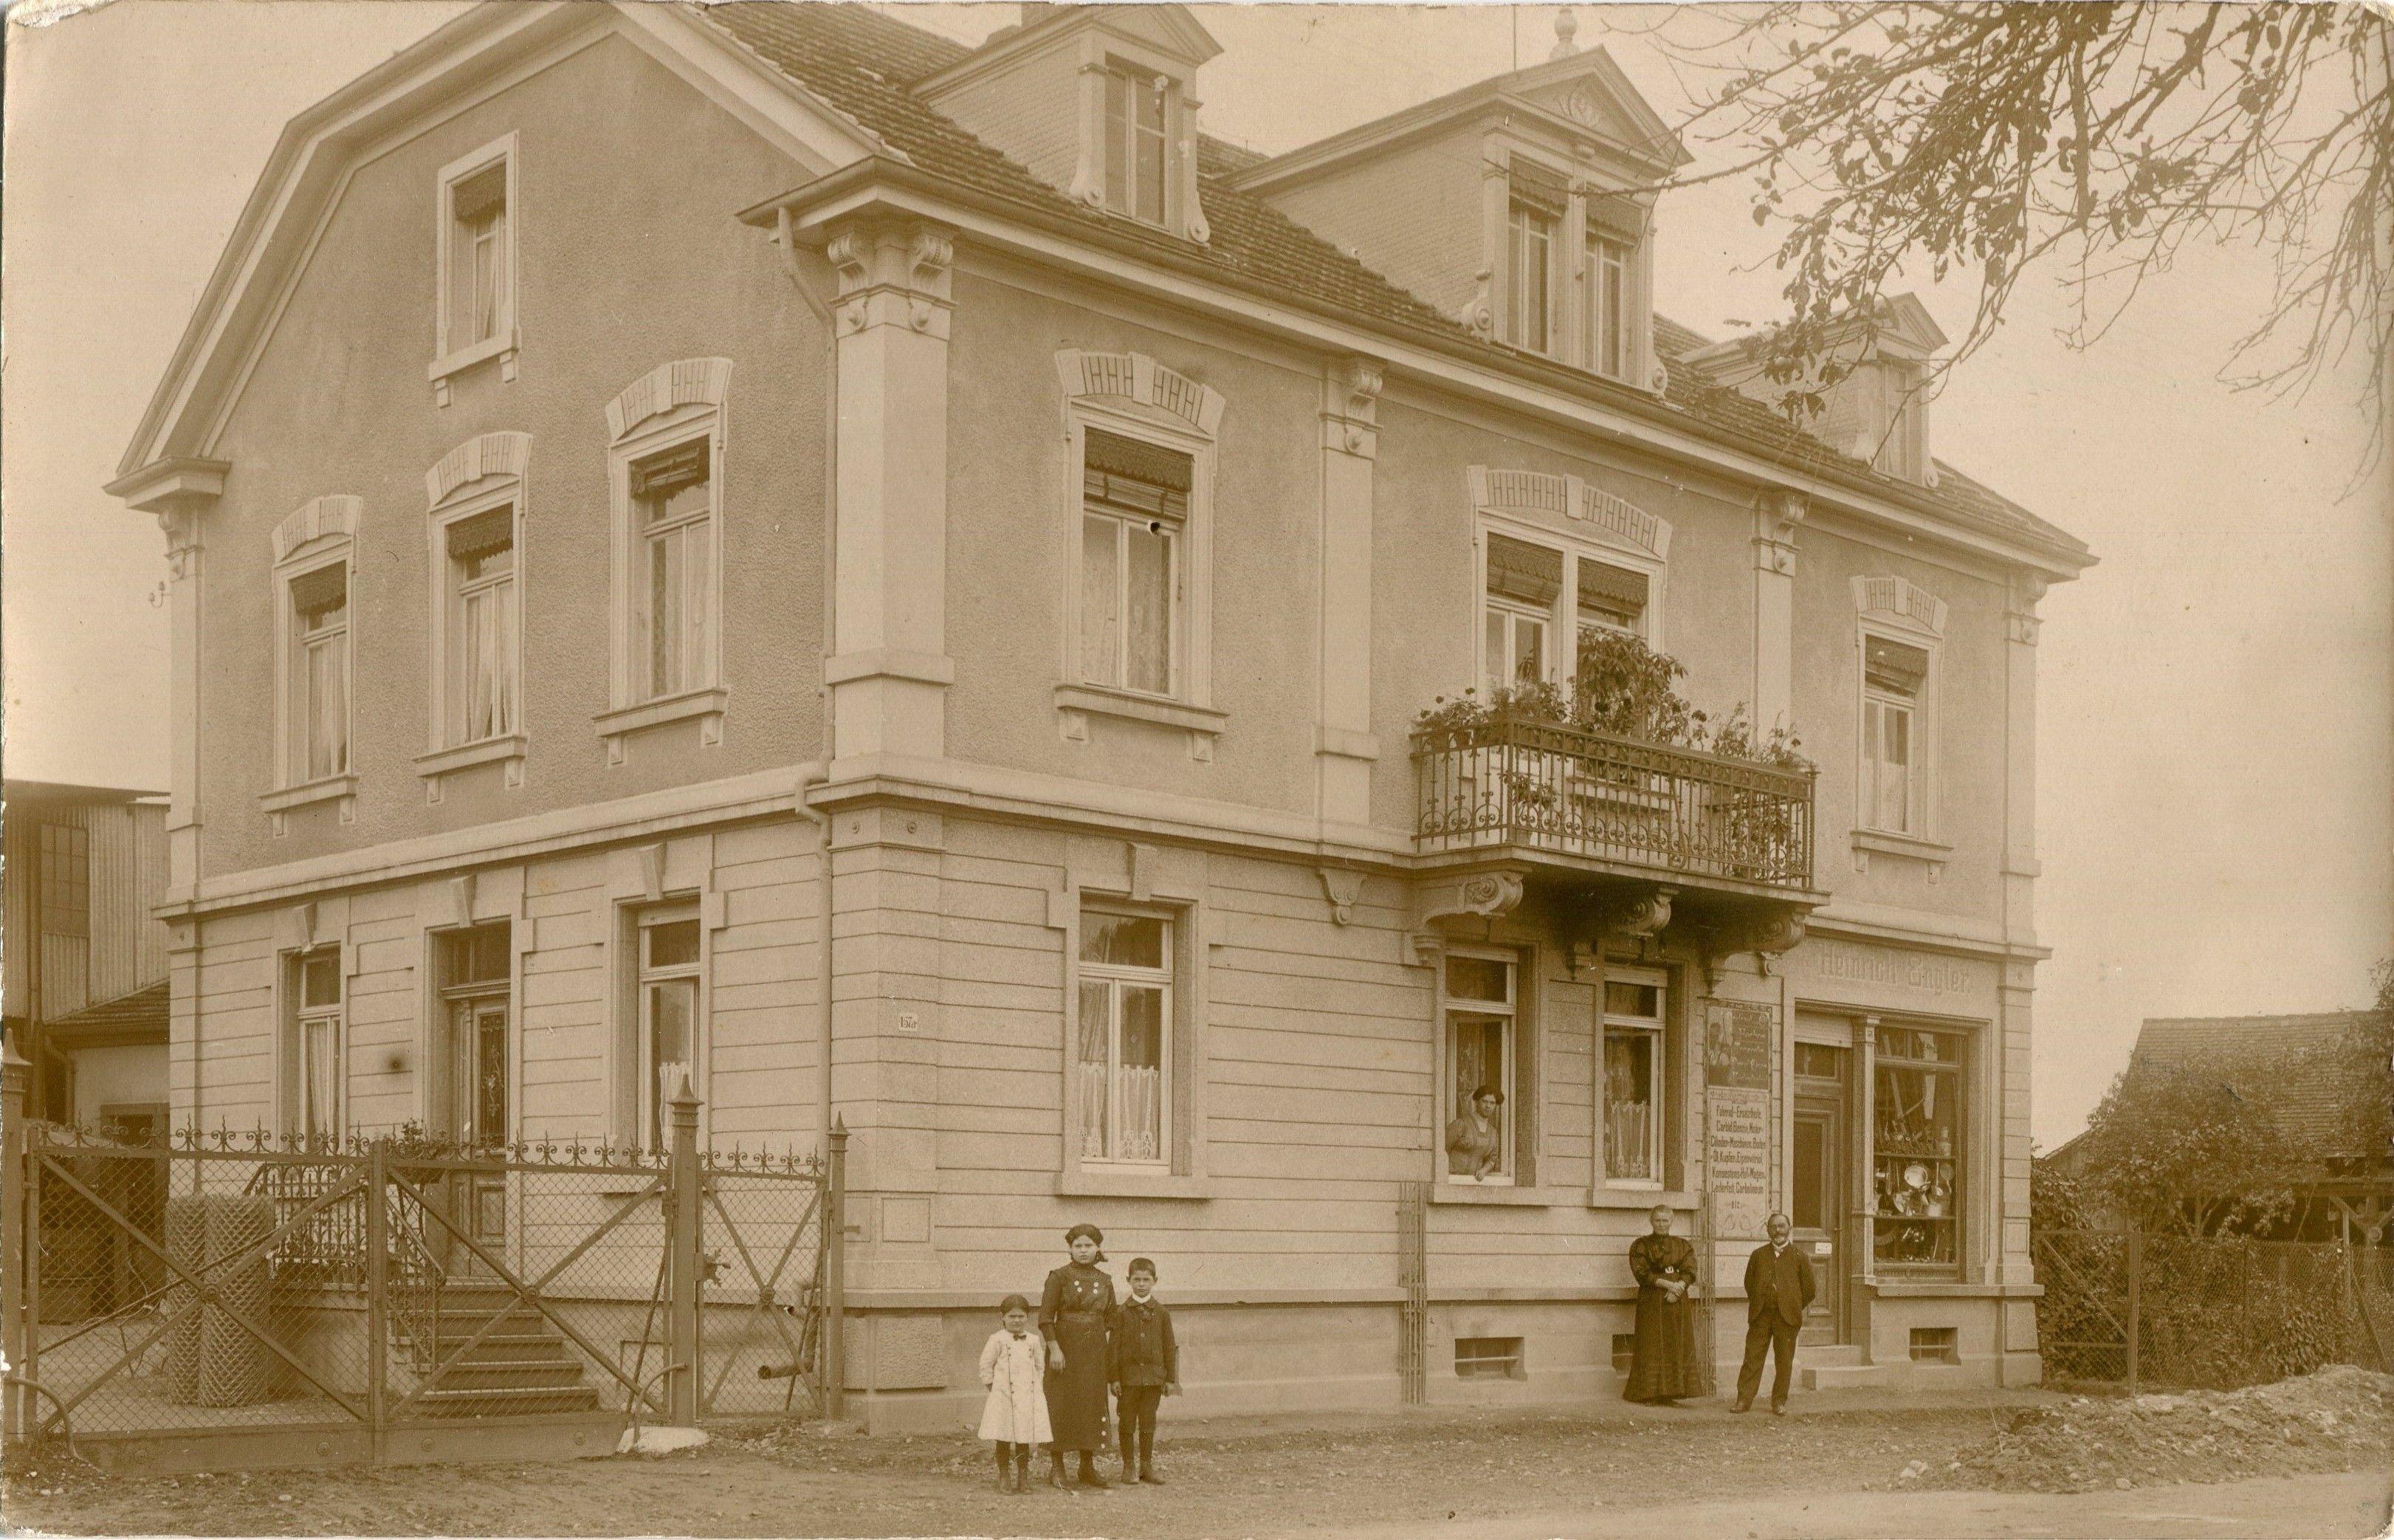 Eisen Engler - St- Georgen - Schöne Fotografie der Firma Heinrich Engler in Freiburg-St.Georgen. Vermutlich handelt es sich hier um die später als Eisen Engler bekannte Firma. Über das Aufnahmedatum ist leider nichts bekannt. Vielen Dank an die Sammlung Oehler   /*  */